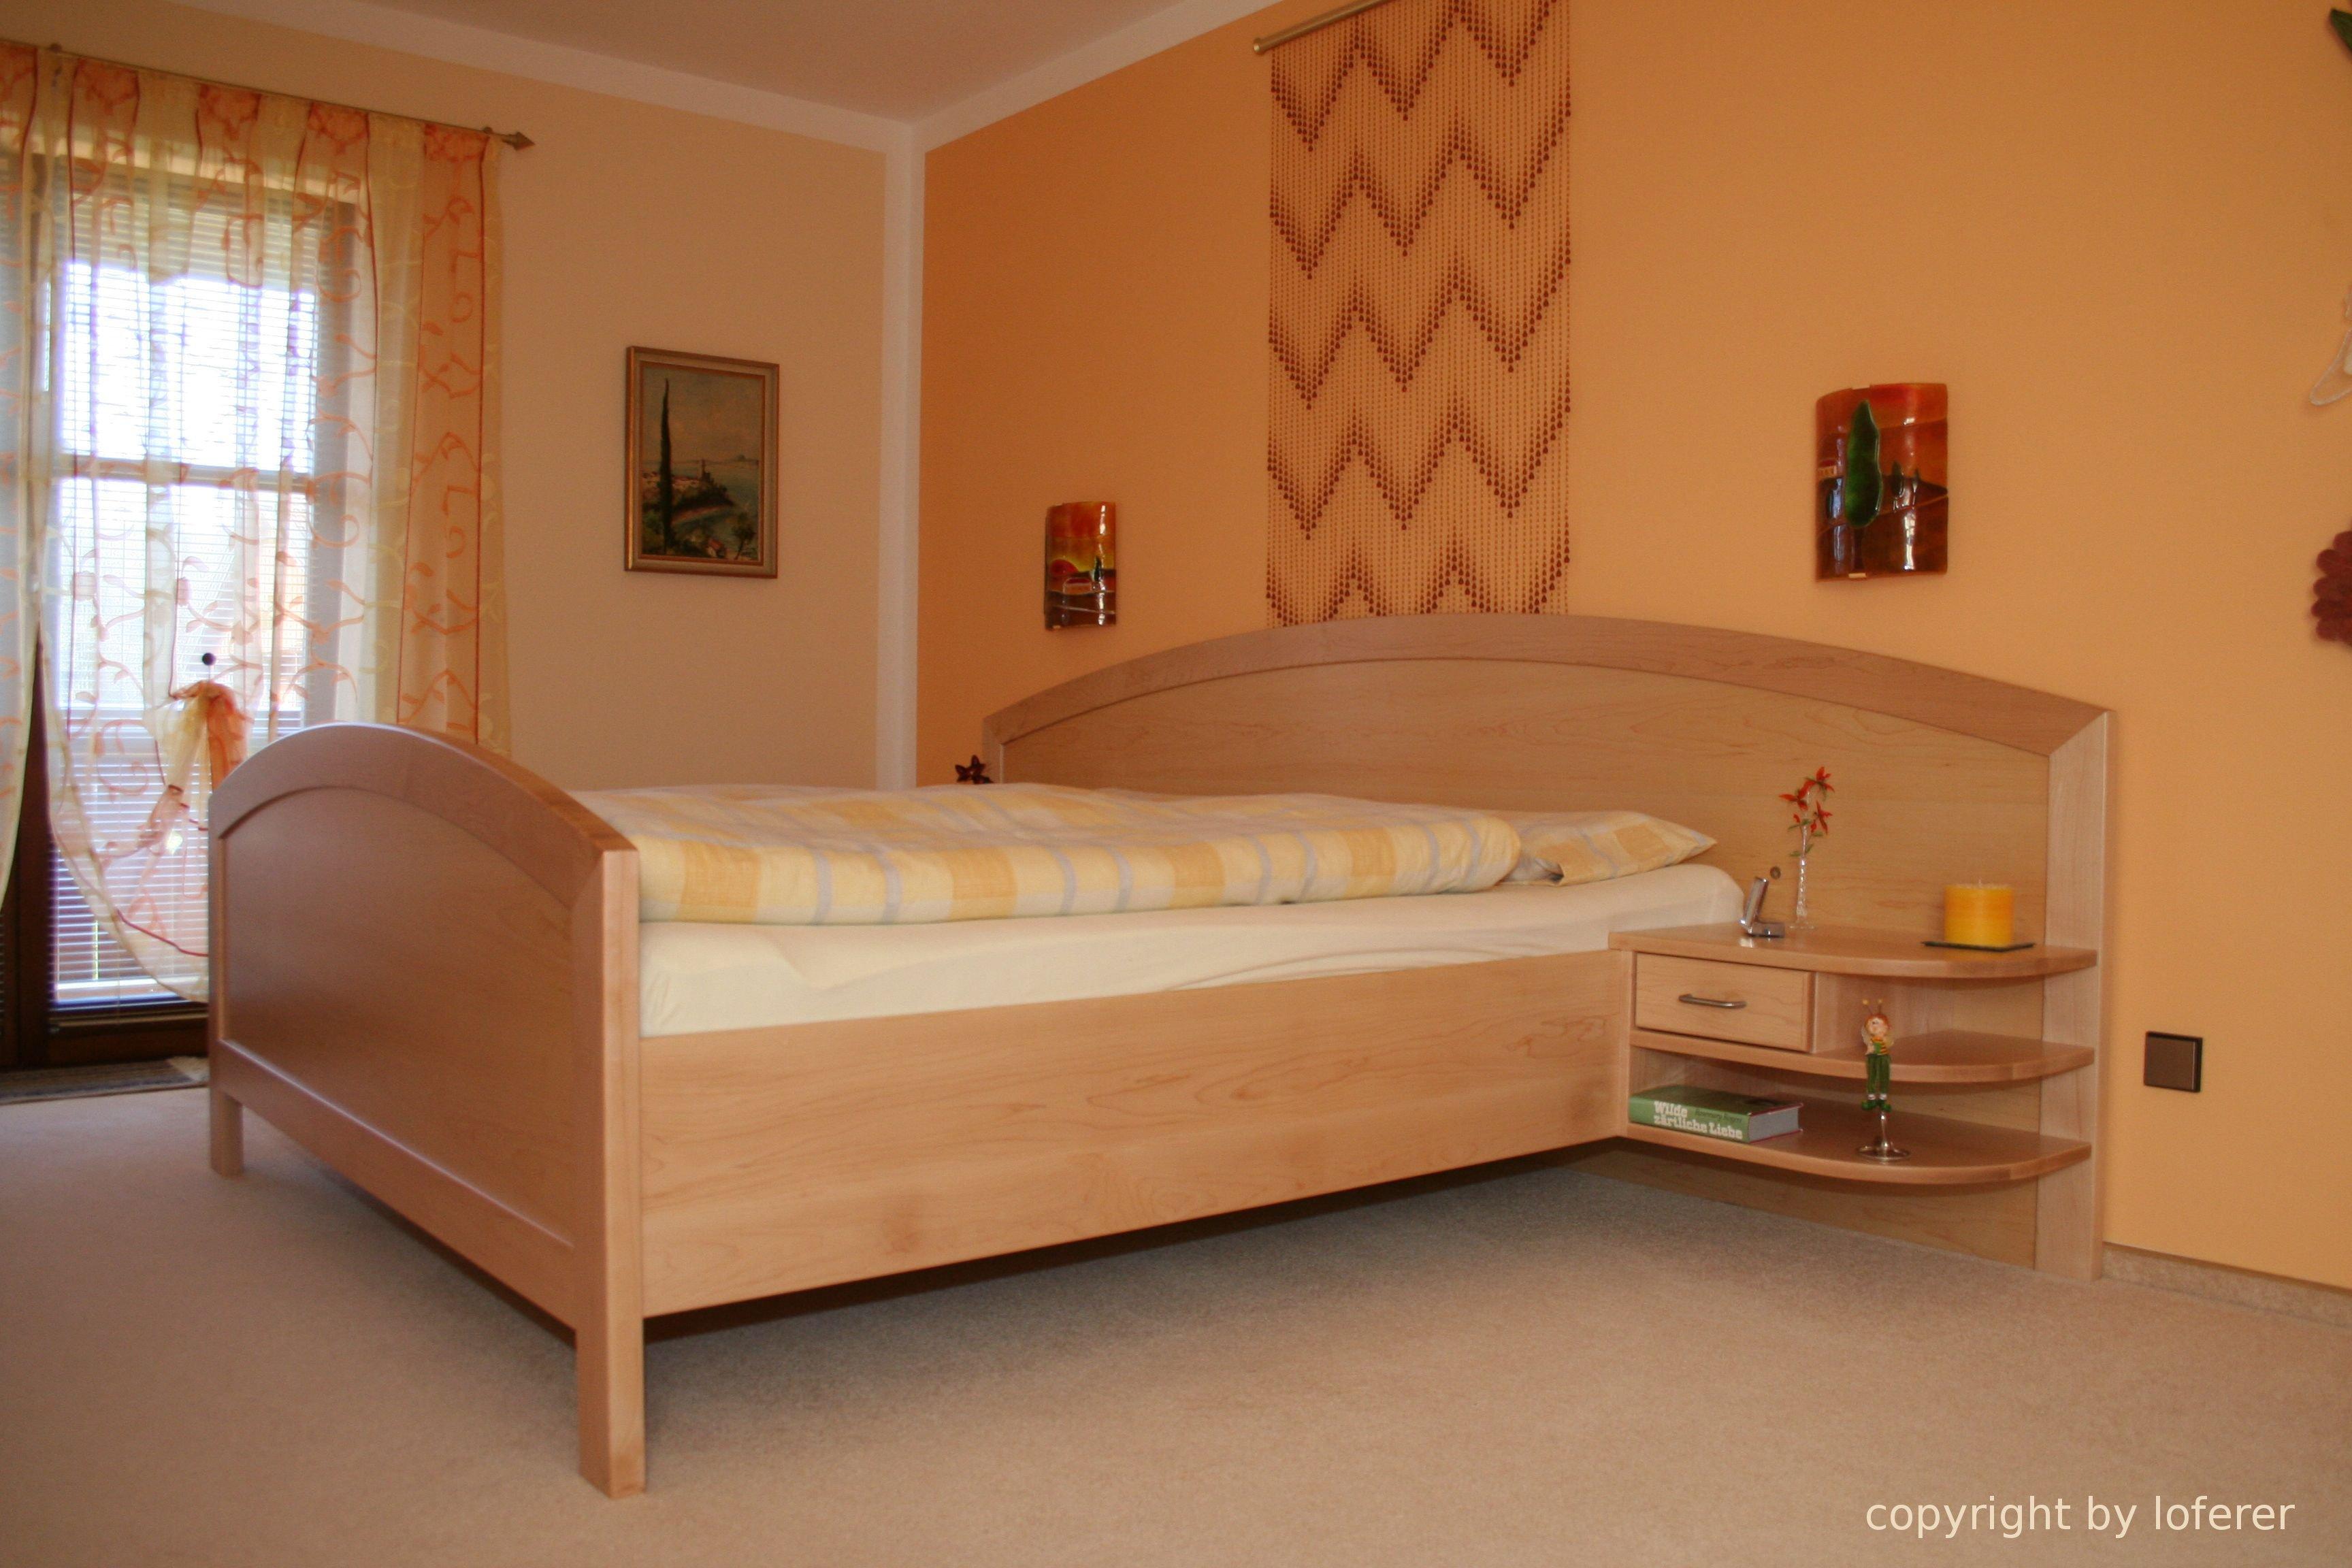 betten loferer- gesundes wohnen und schlafen, Schlafzimmer entwurf